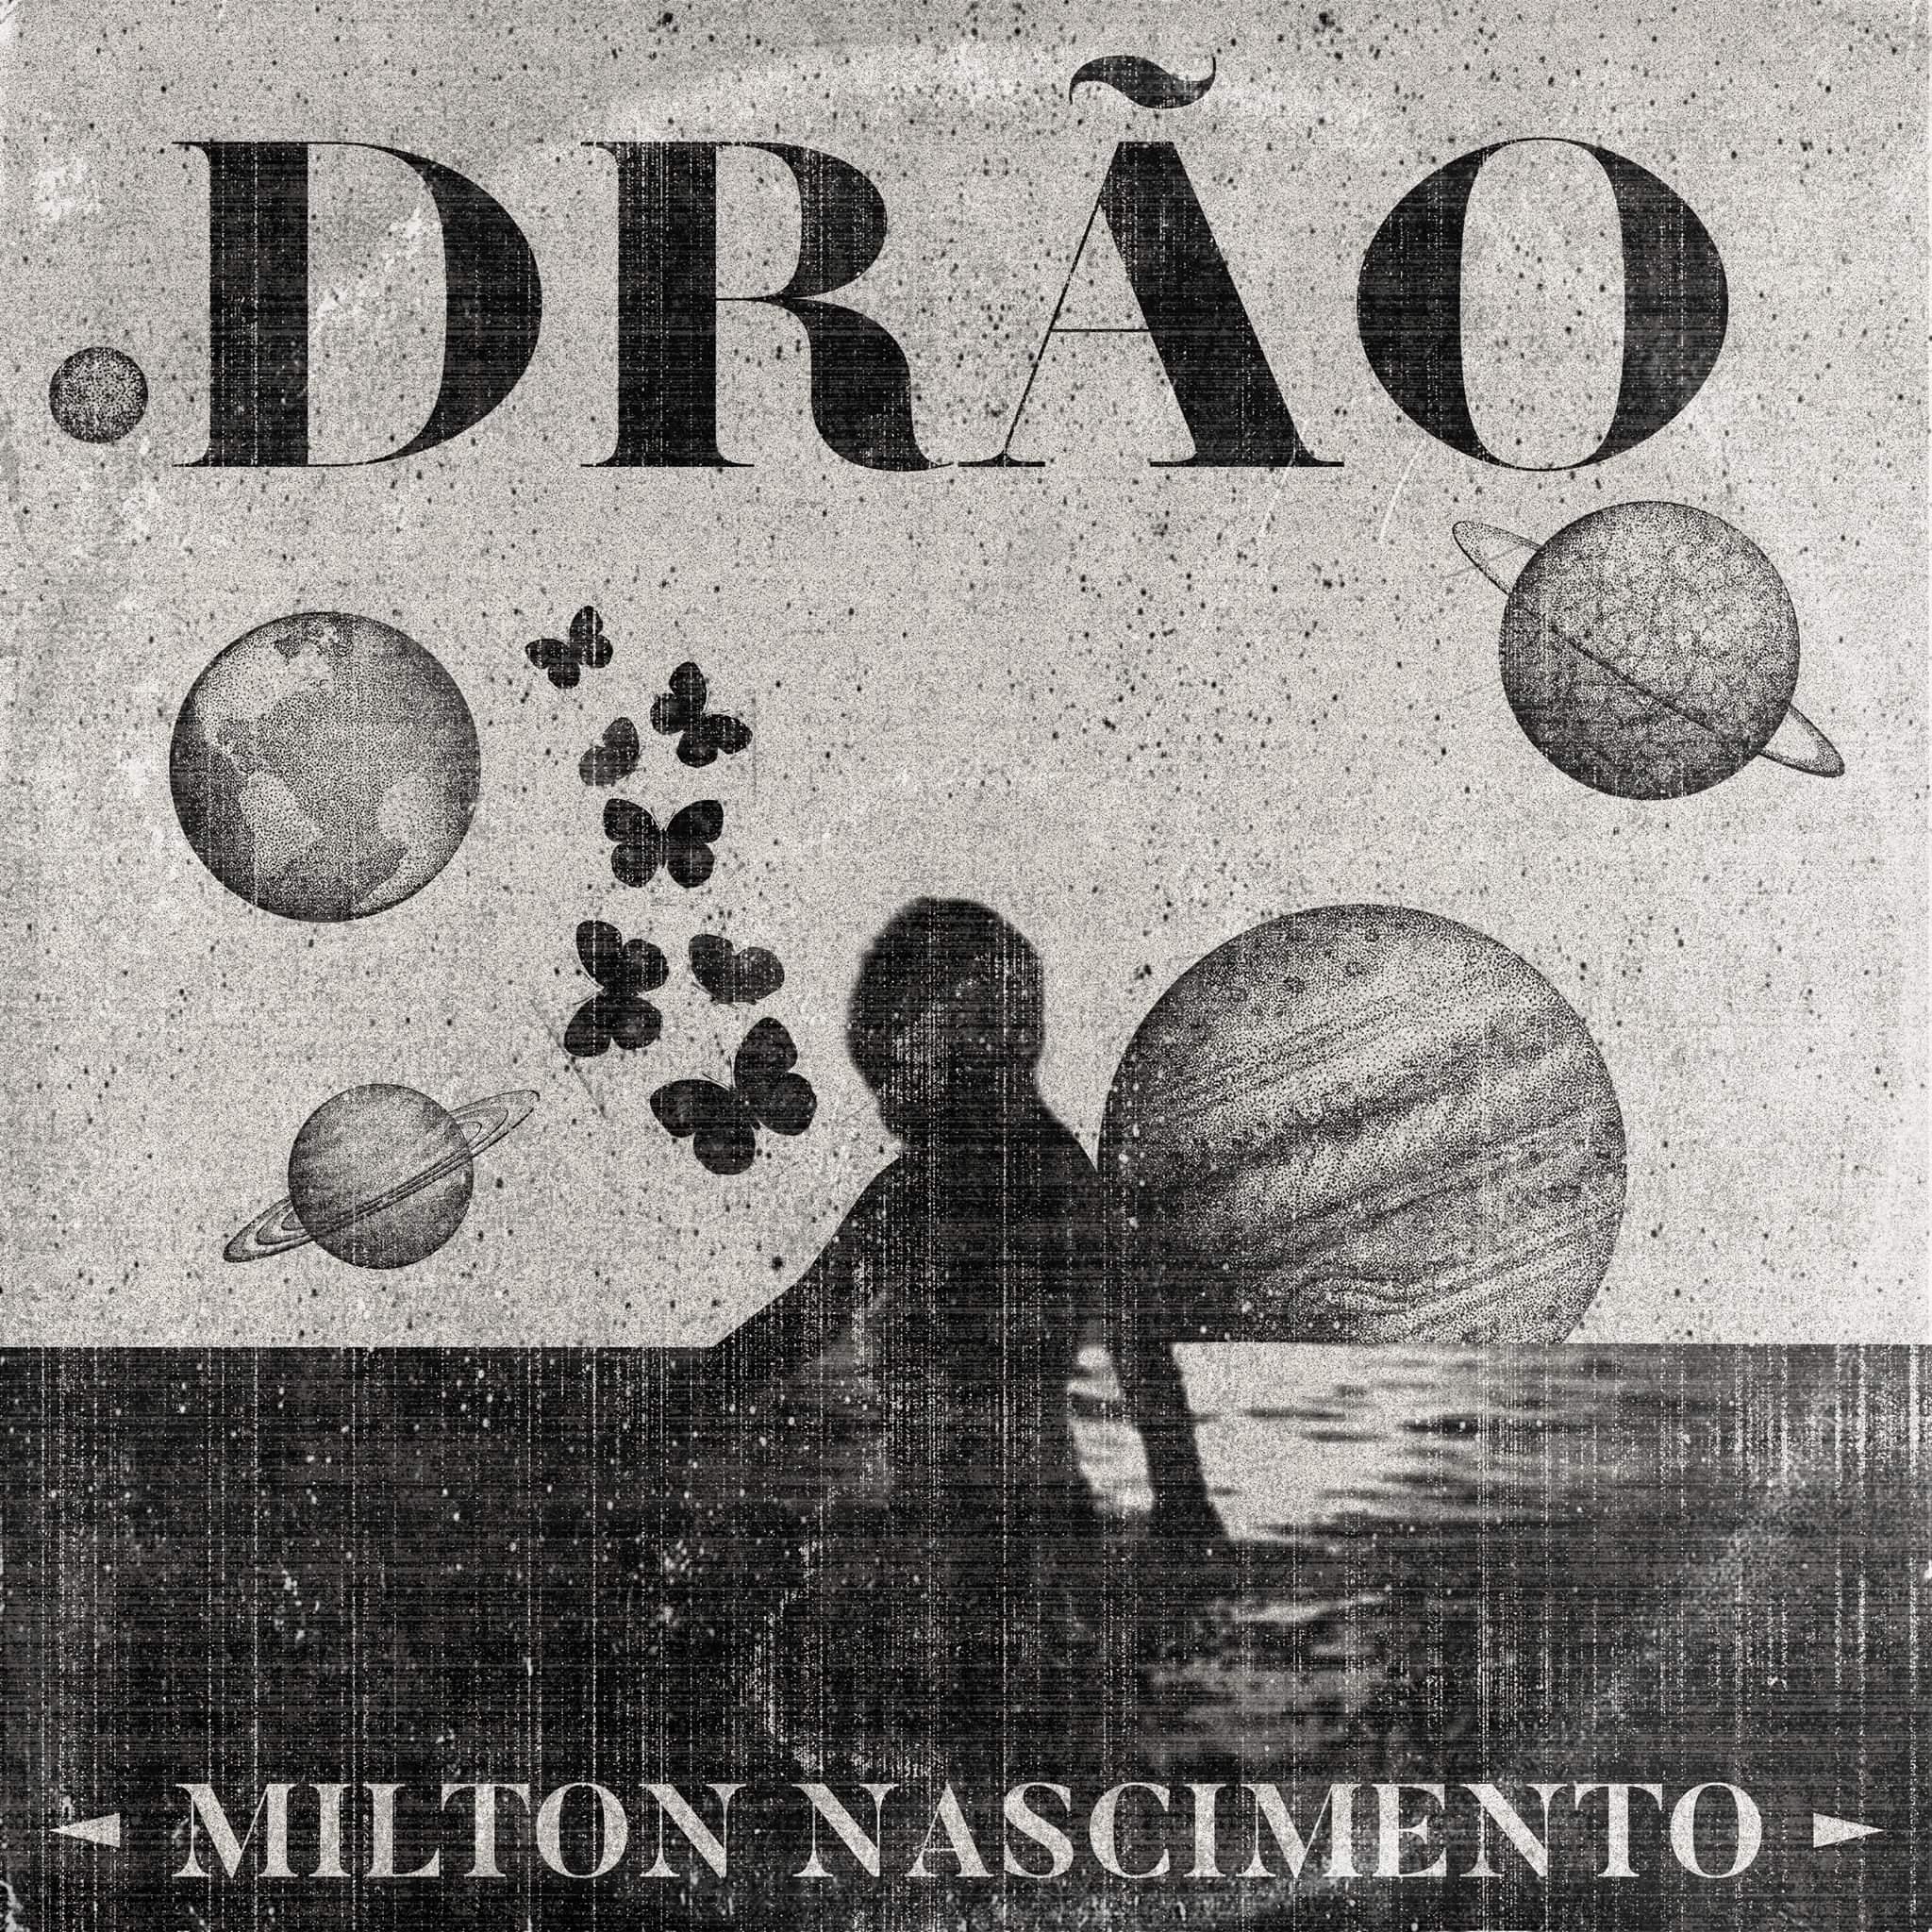 Milton Nascimento – Drão